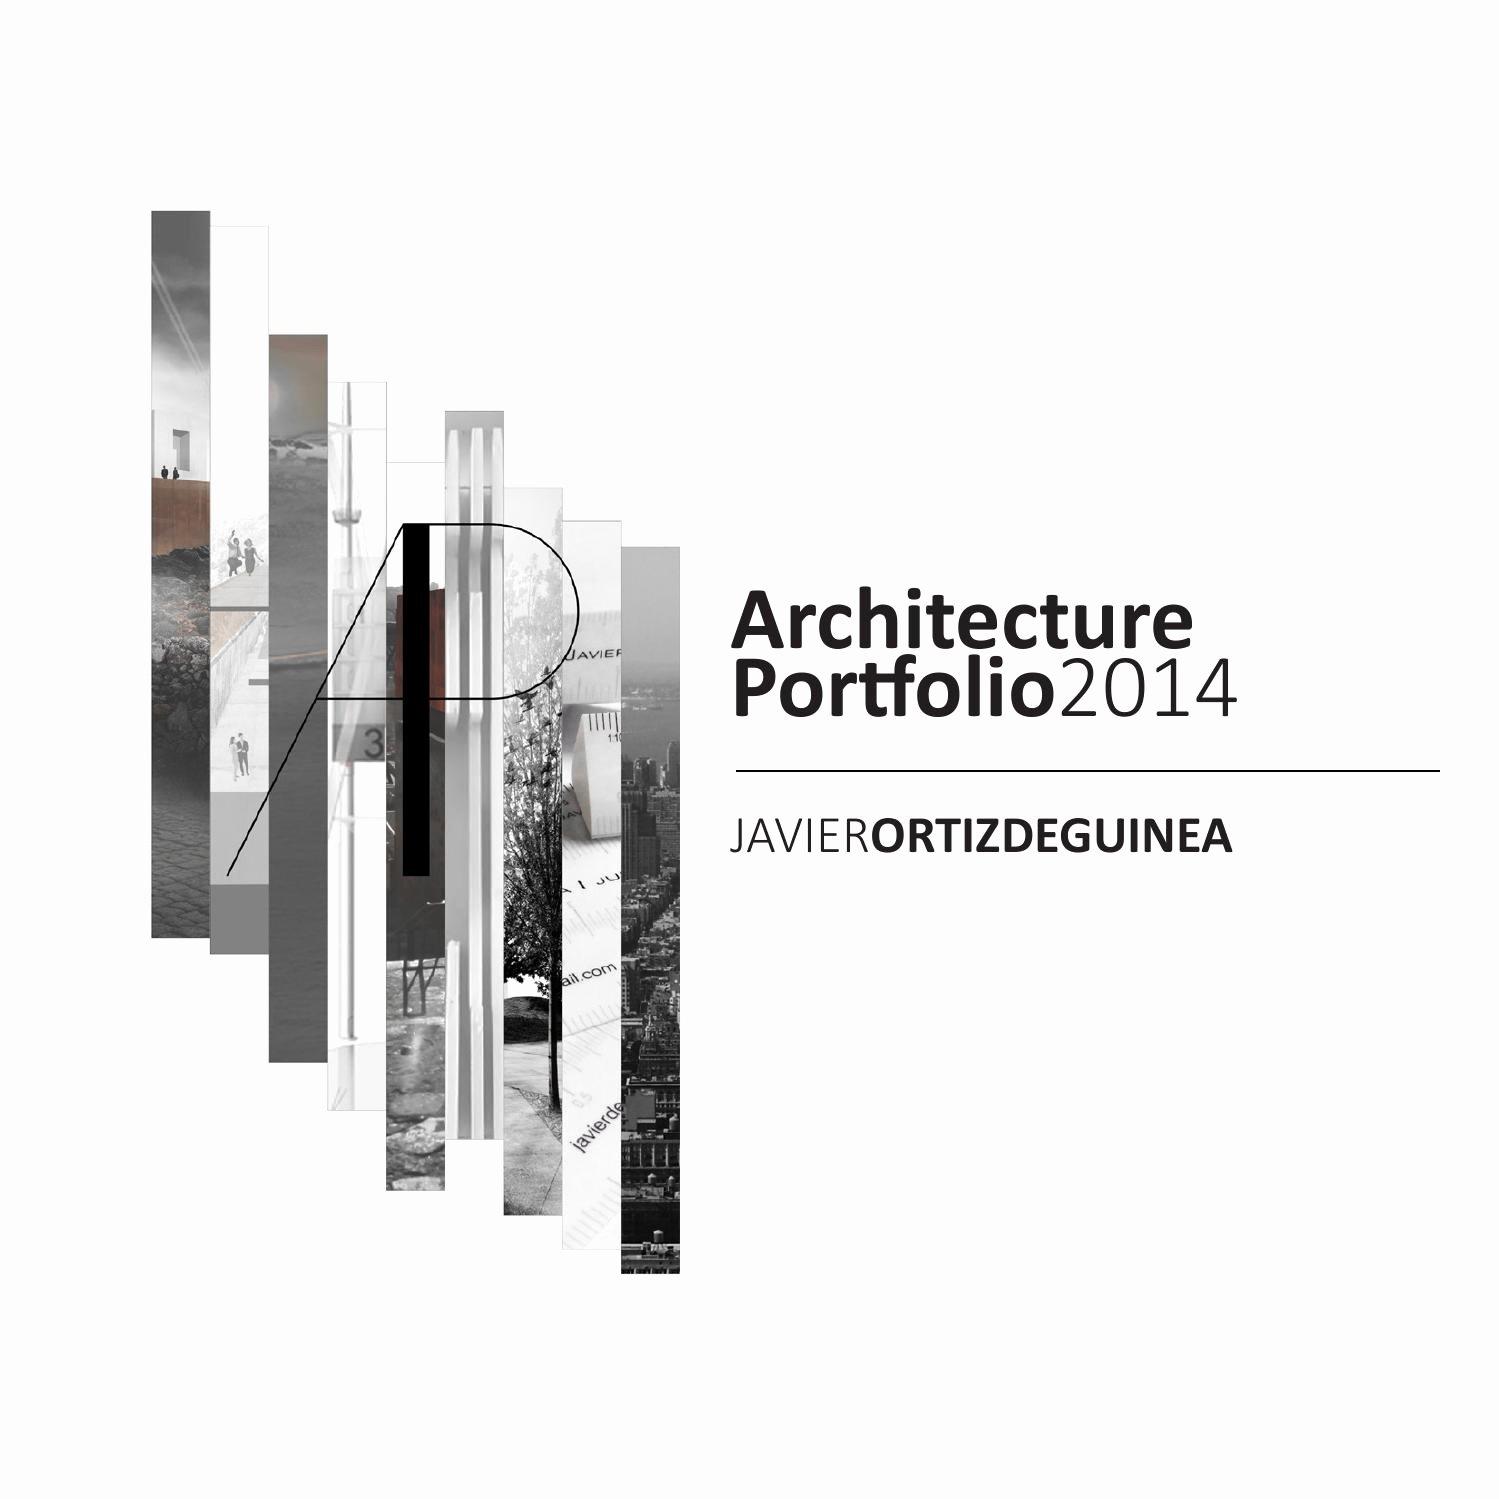 Portfolio Cover Page Template Unique Architecture Portfolio by Javier ortiz De Guinea issuu